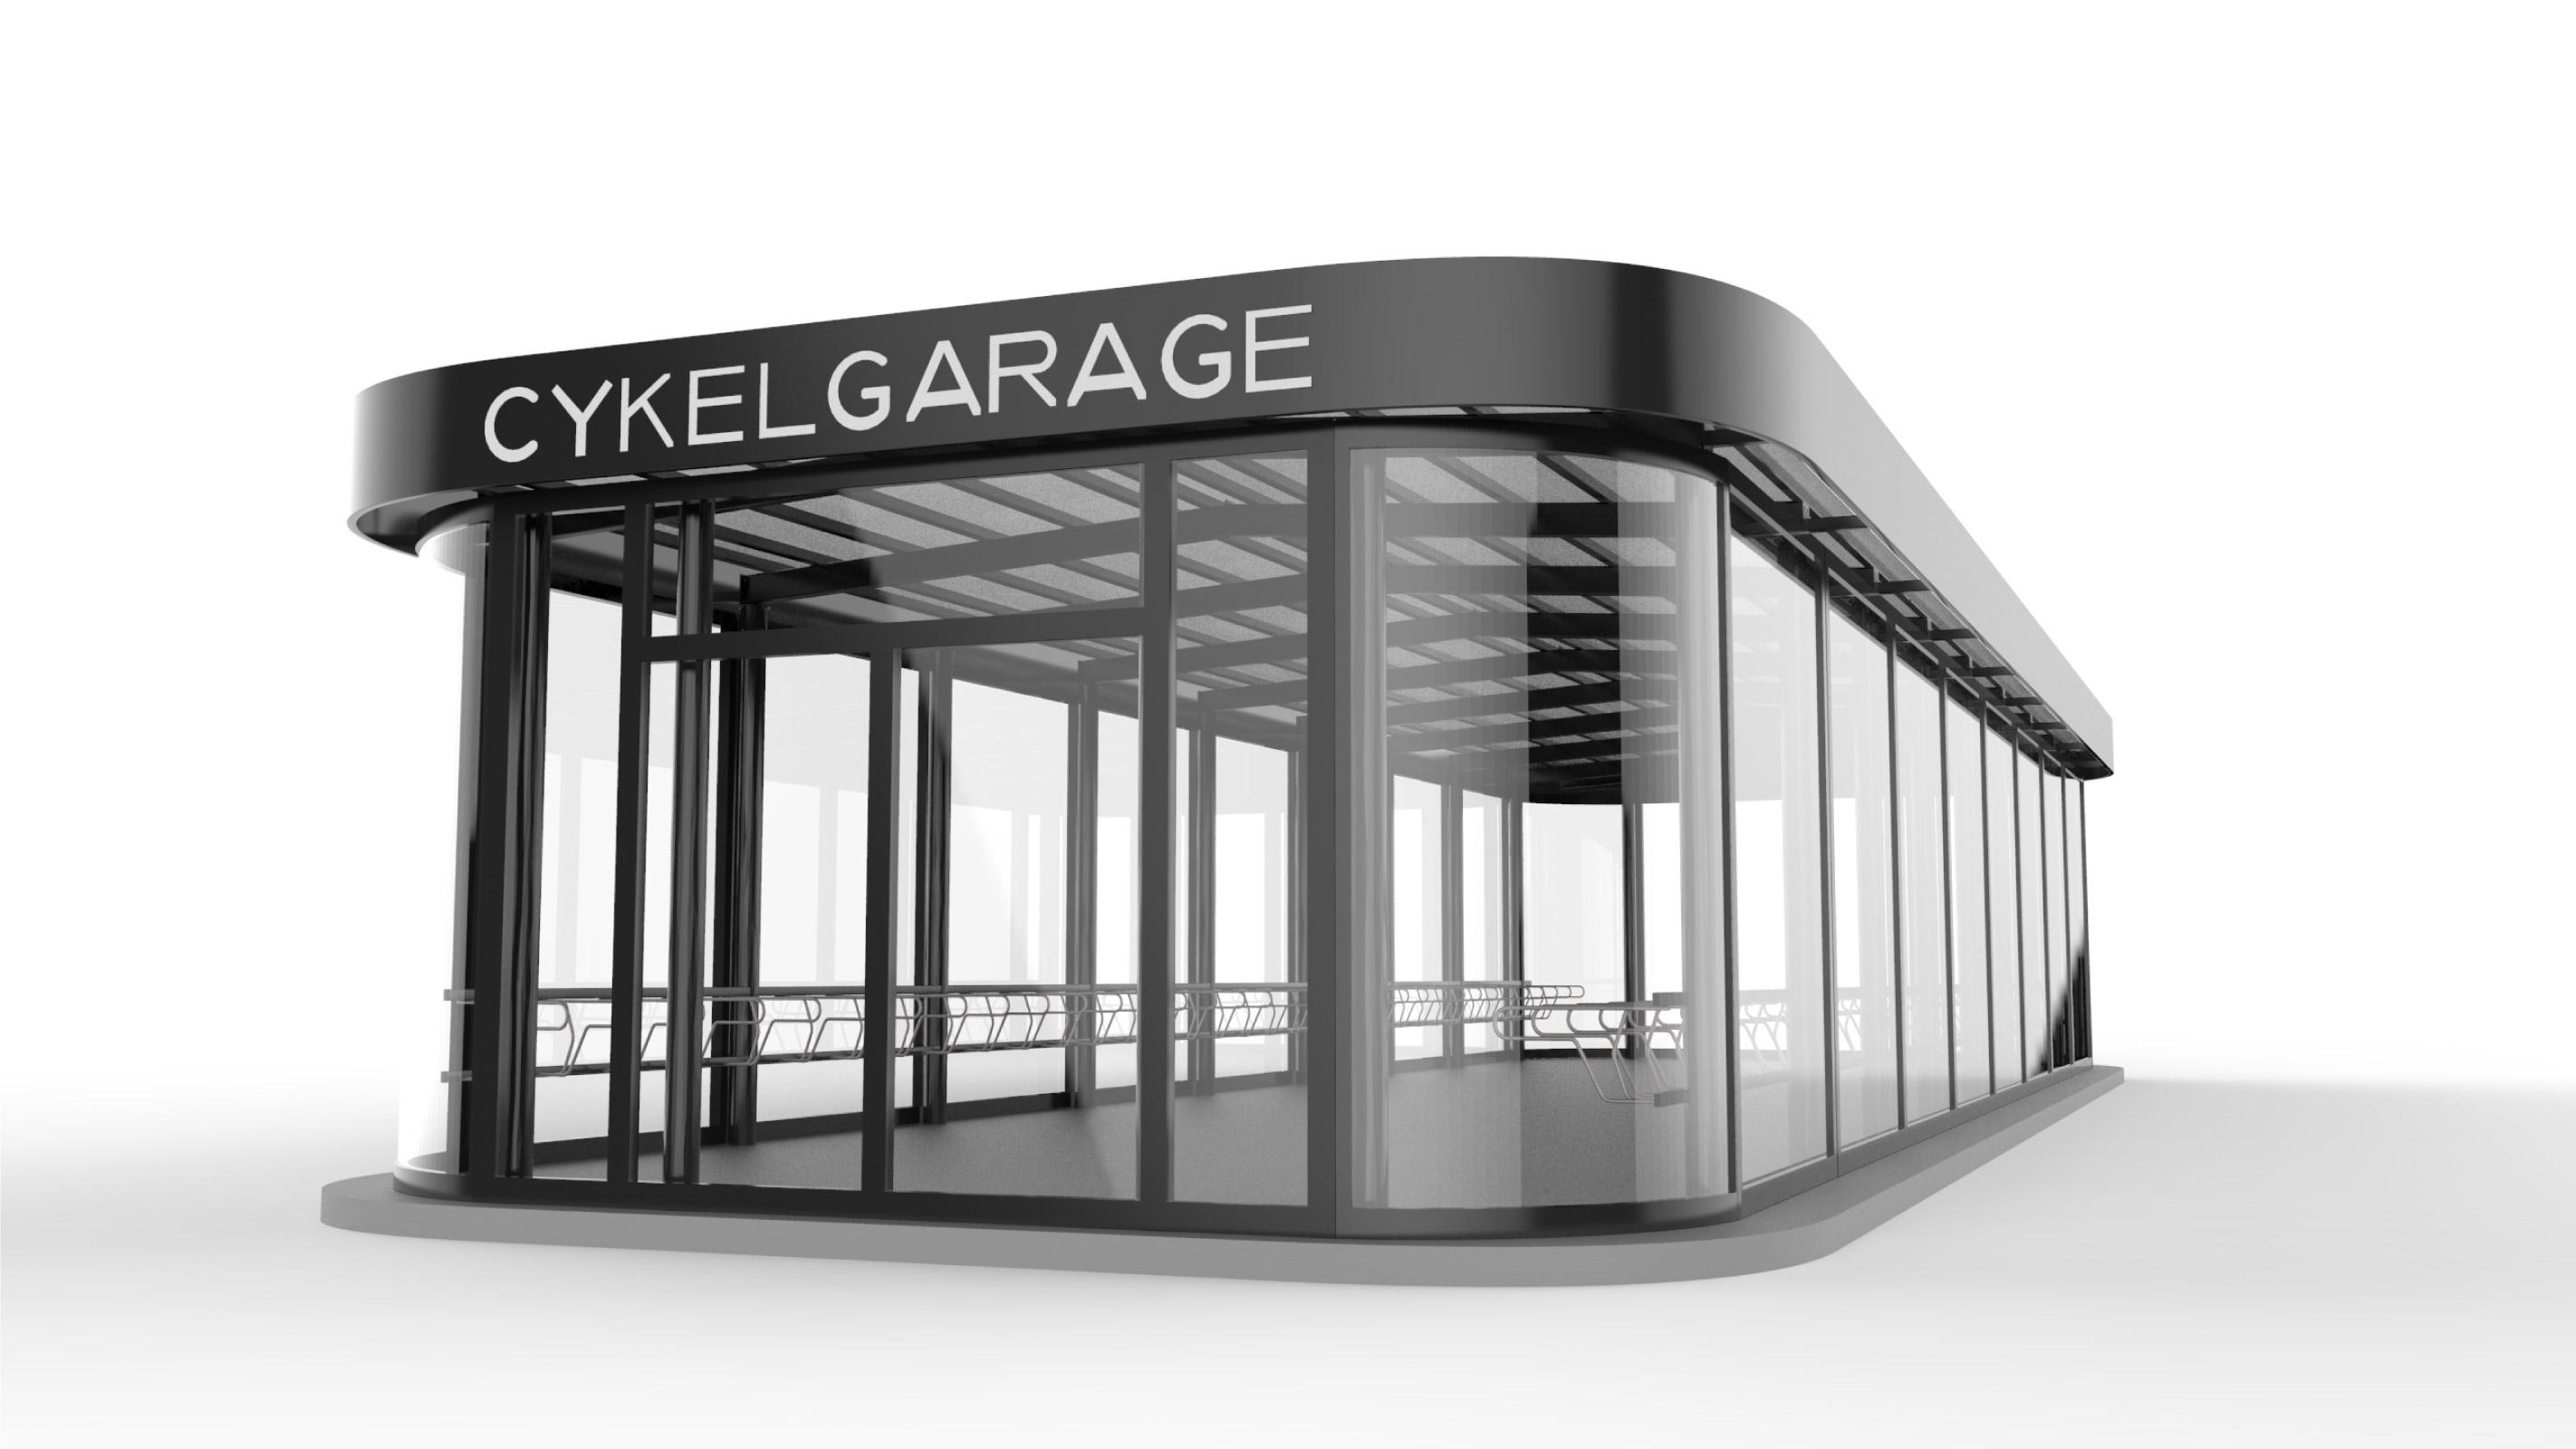 Renderad bild på Cykelgarage FLOW för offentlig miljö med automatiska skjutdörrar och stora glaspartier